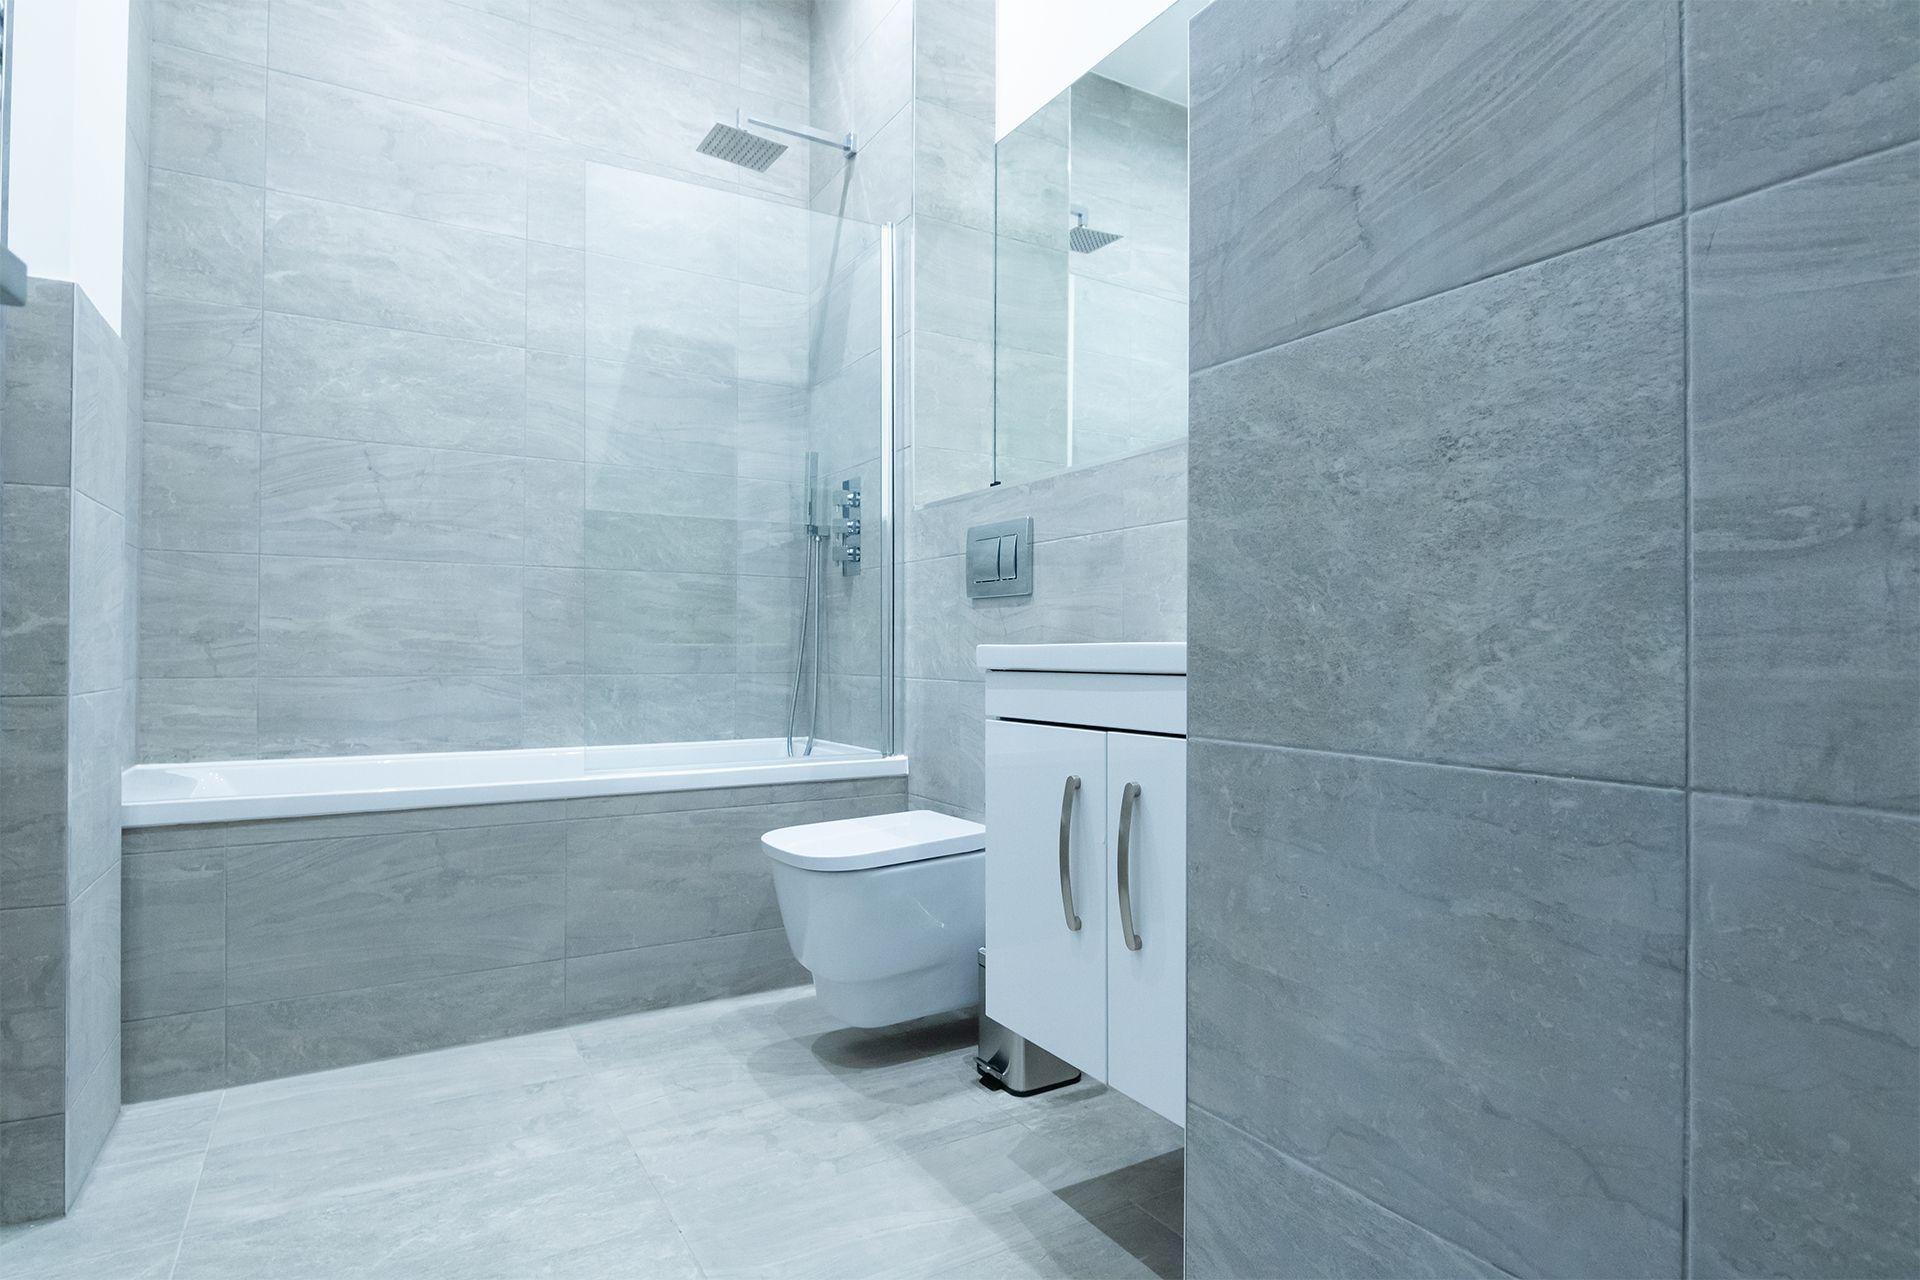 Studio apartment to rent in London VIL-TU-0022